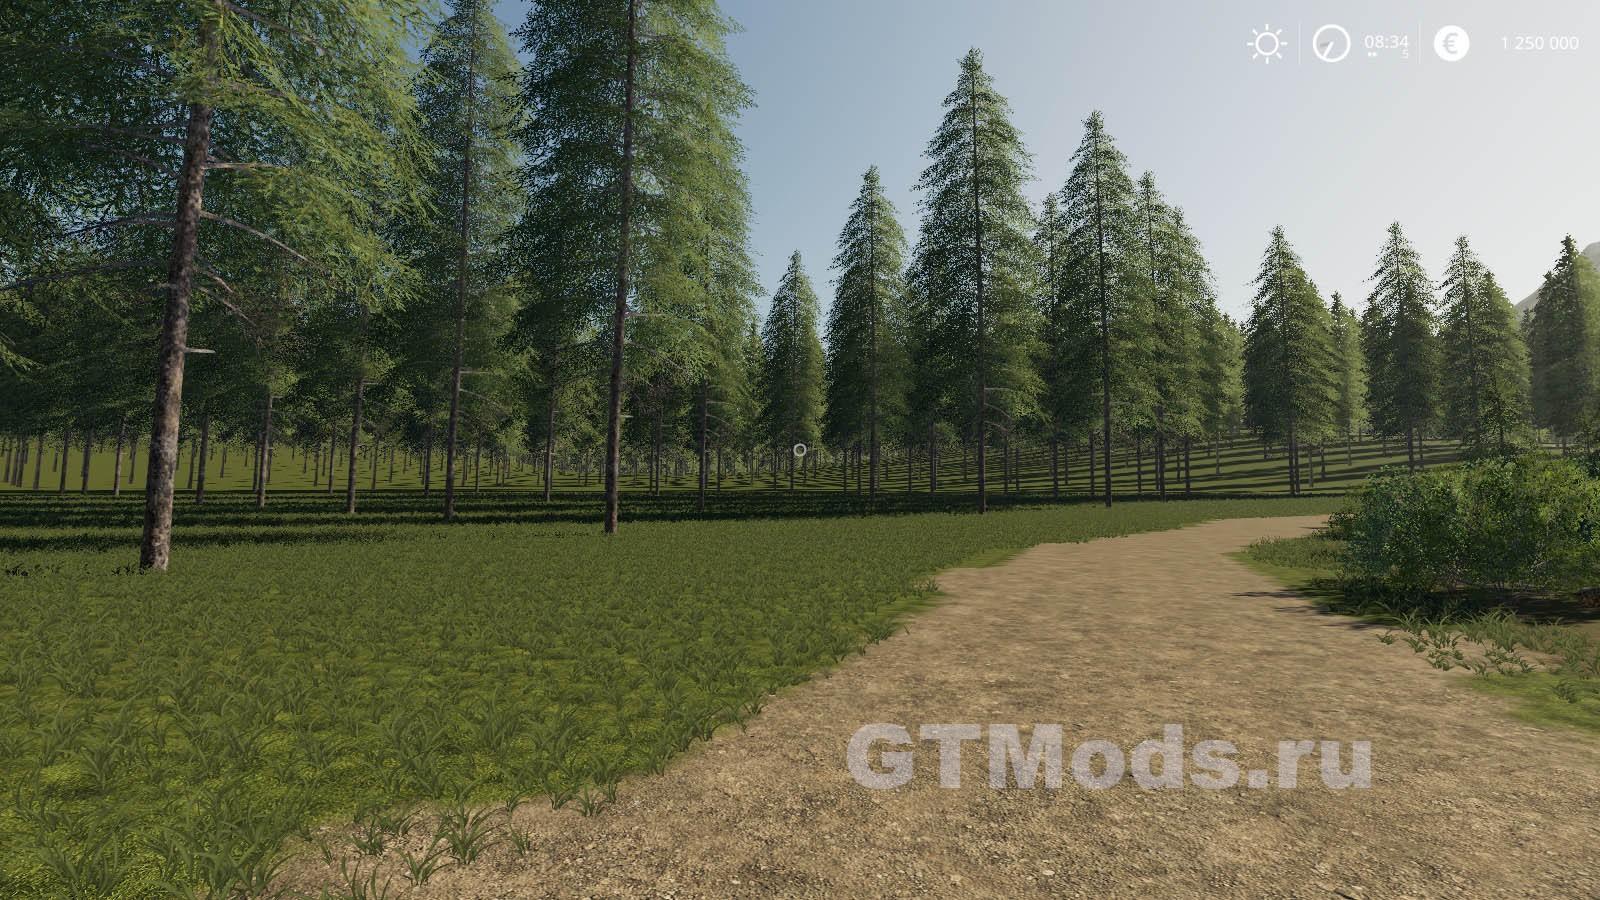 Карта Forestry / Logging Map v1 0 для FS19 (1 2 x) » Моды